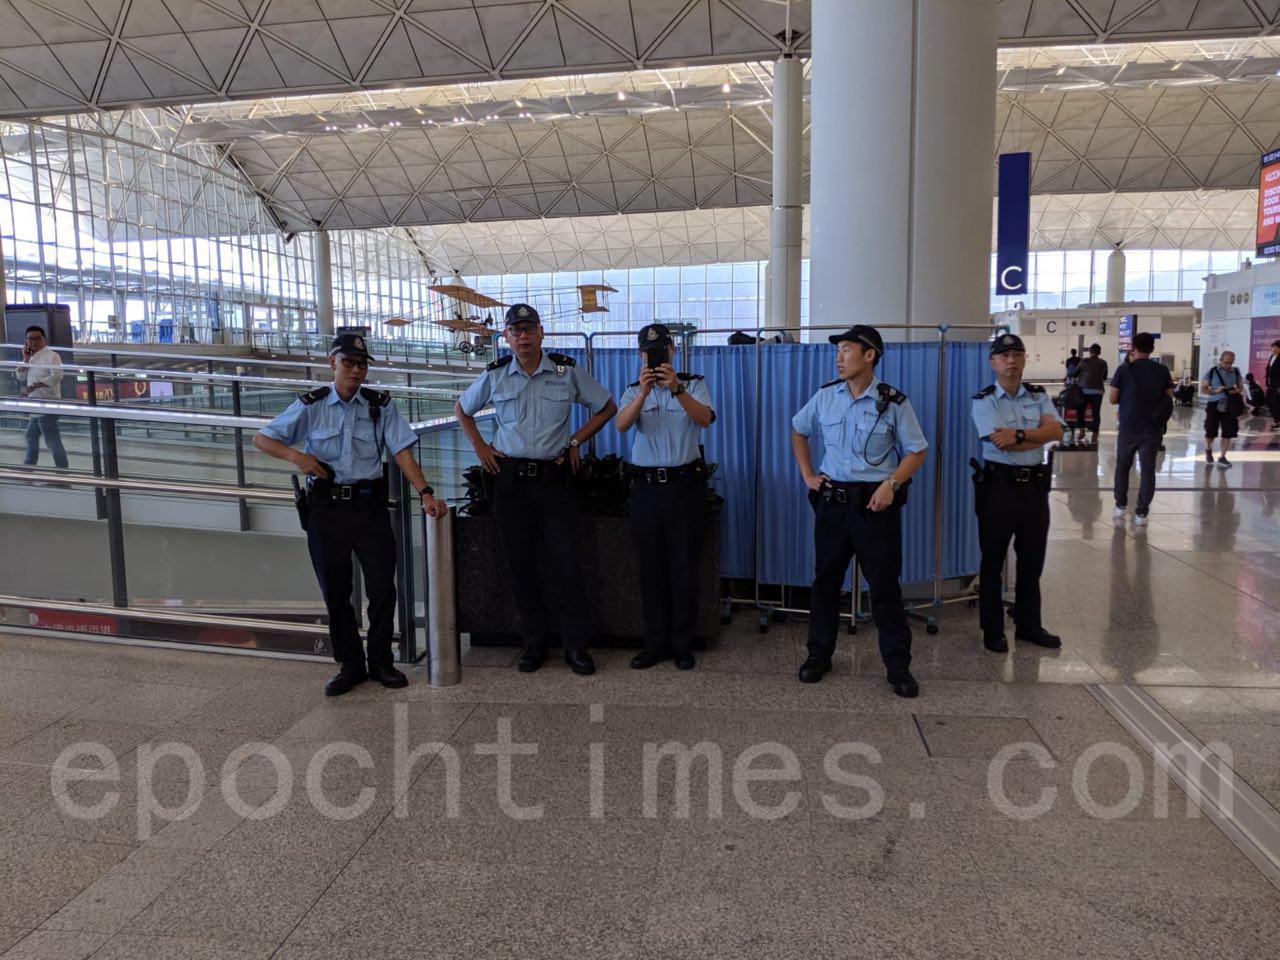 「和你塞4.0」給機場乘客帶來不便,有旅客說,來自抗衡者的影響則有限,自己亦支持抗爭者的訴求,沿途有警察檢查,其行為在擾民。(黃曉翔/大紀元)